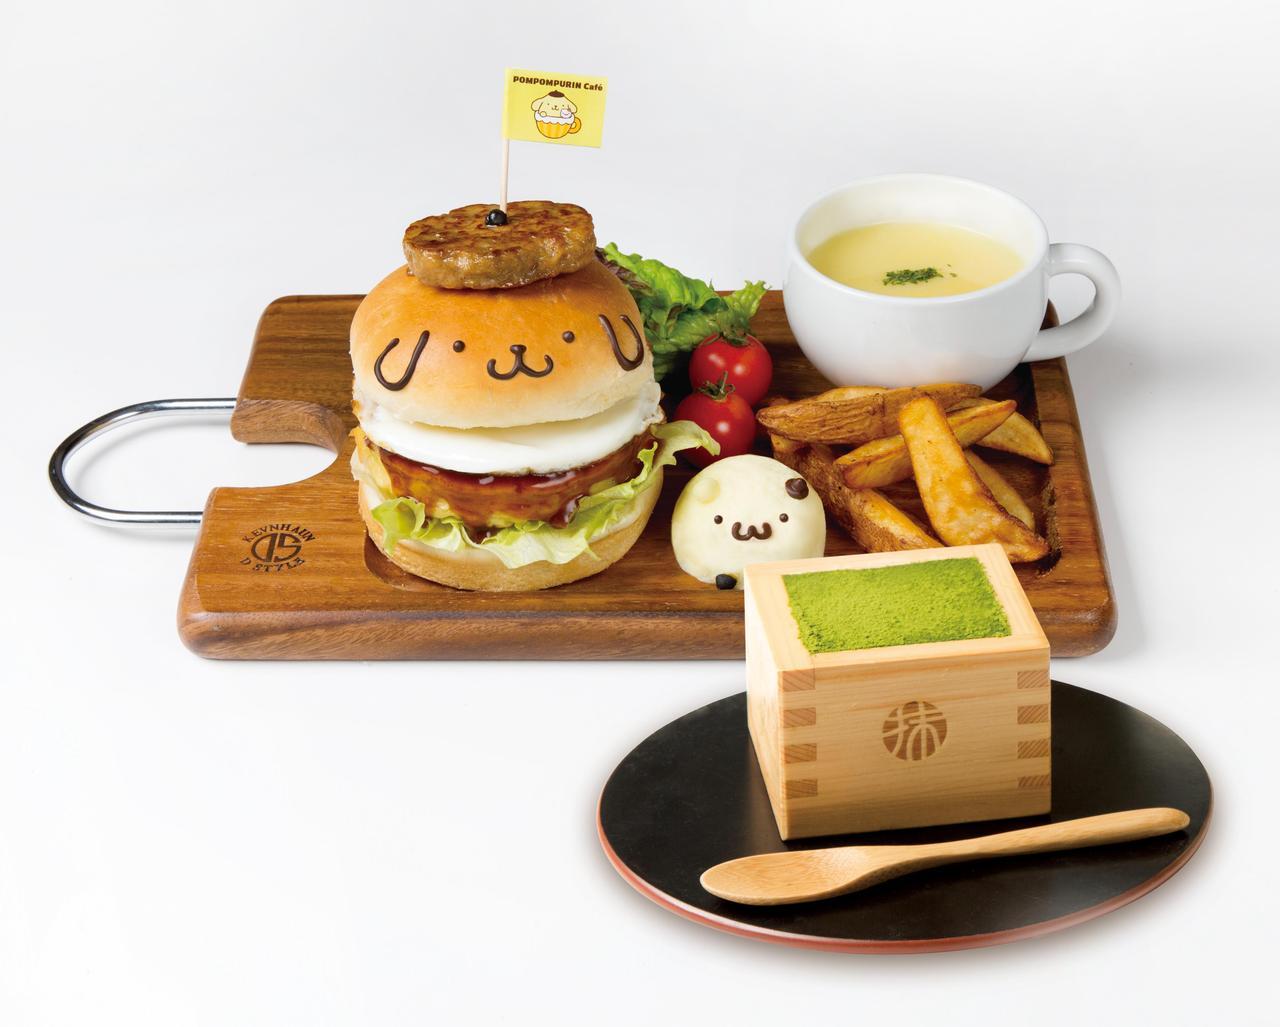 画像: ポムポムプリンのお好み焼きバーガープレート+宇治抹茶のティラミス